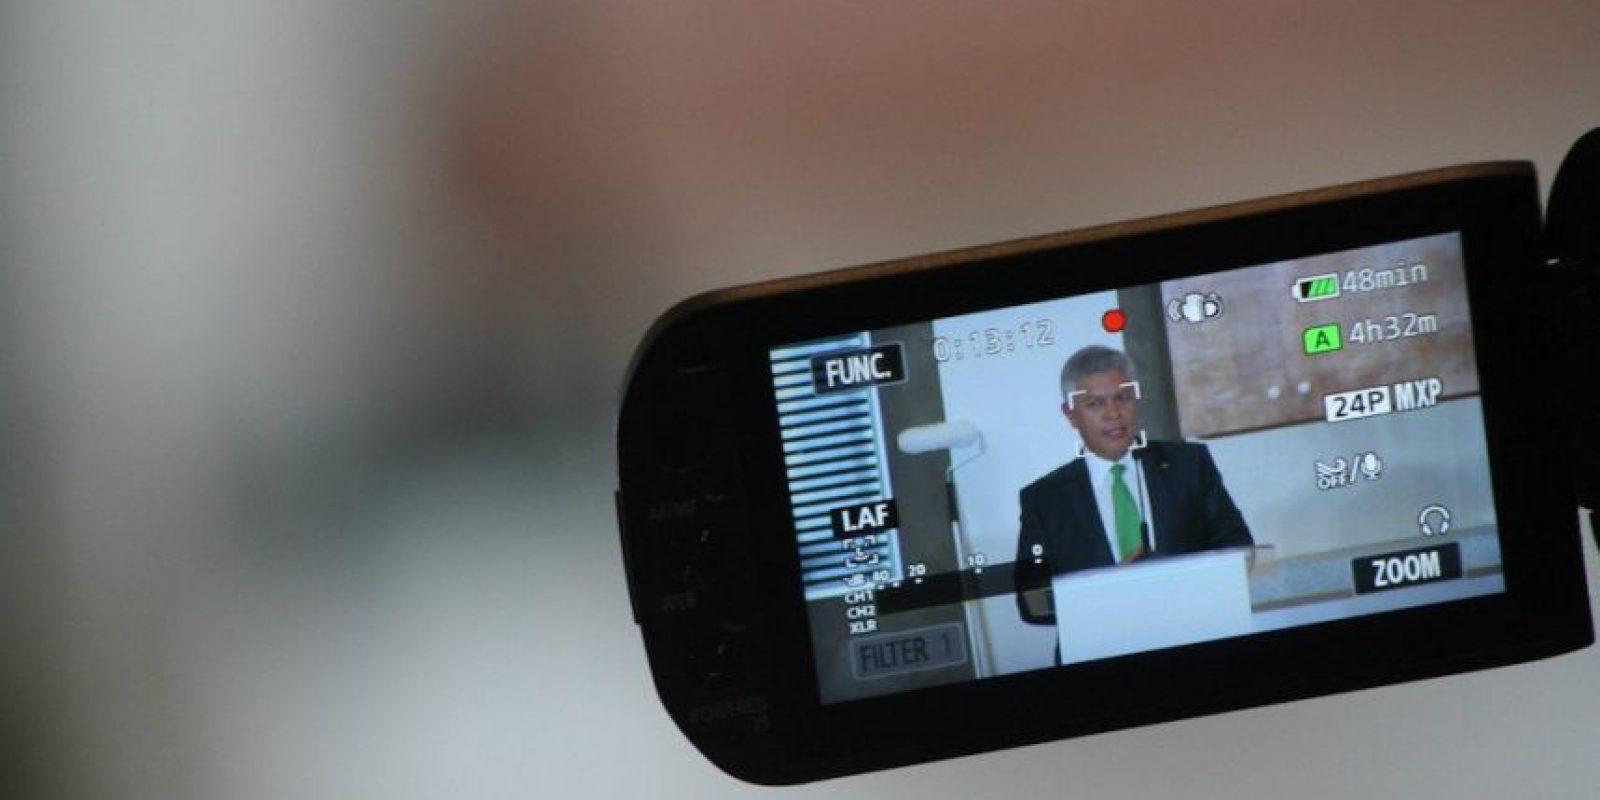 Pese al incremento en otras tasas de interés en el país, la de este programa gubernamental se redujo 10.81 por ciento en comparación con la que se tenía anteriormente Foto:Nicolás Corte